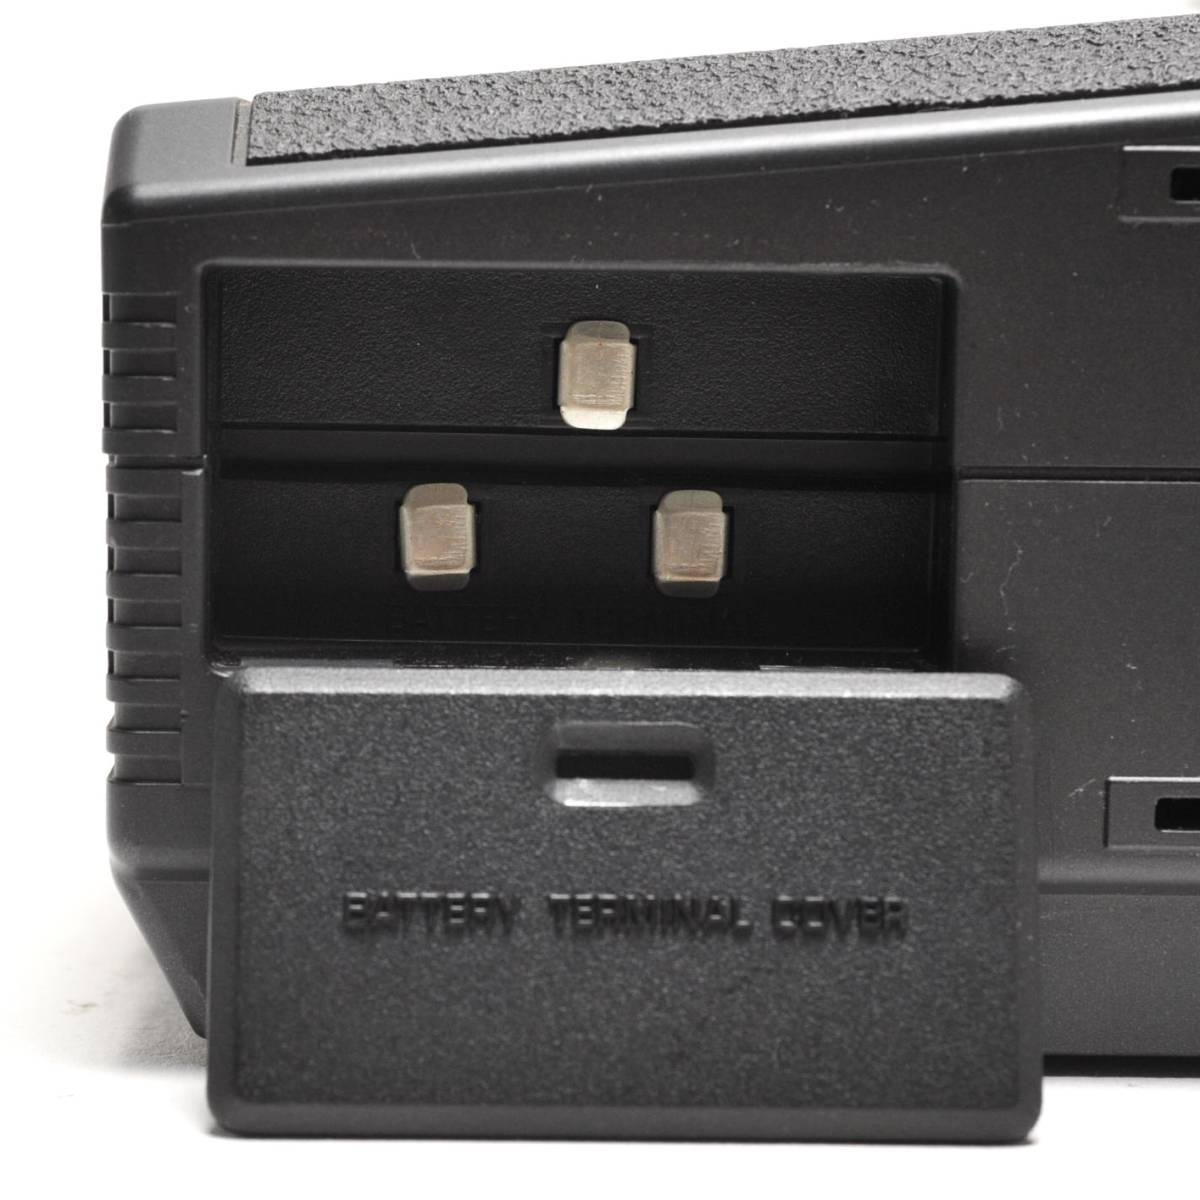 National 白黒テレビ TR-4010 ナショナル 2080年製 ACアダプター付き 通電確認済 78302209_画像7